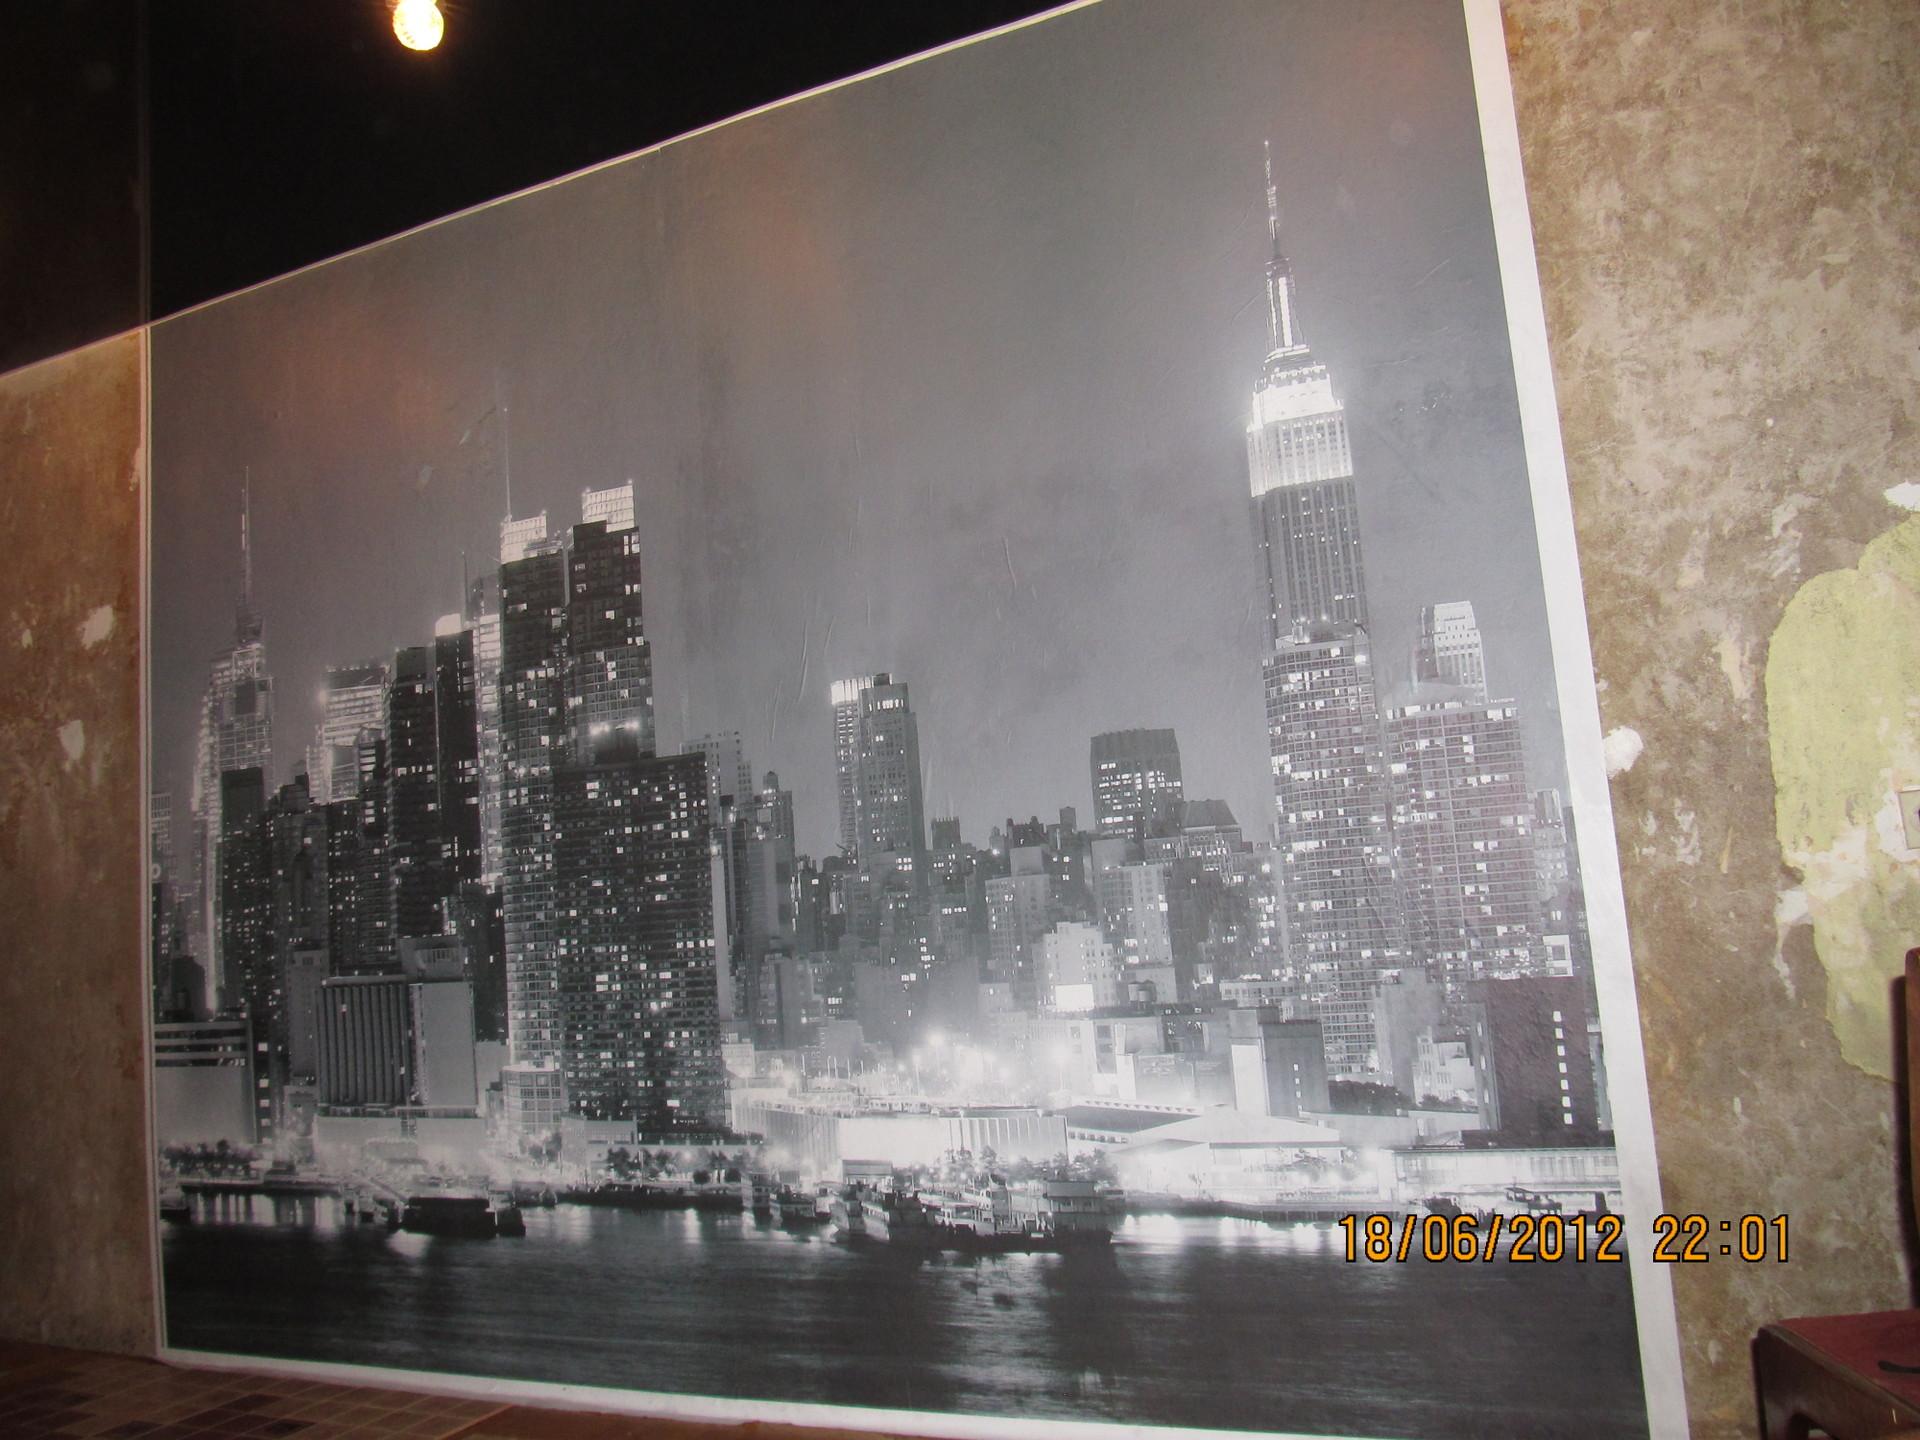 фото обои на стене в рамке